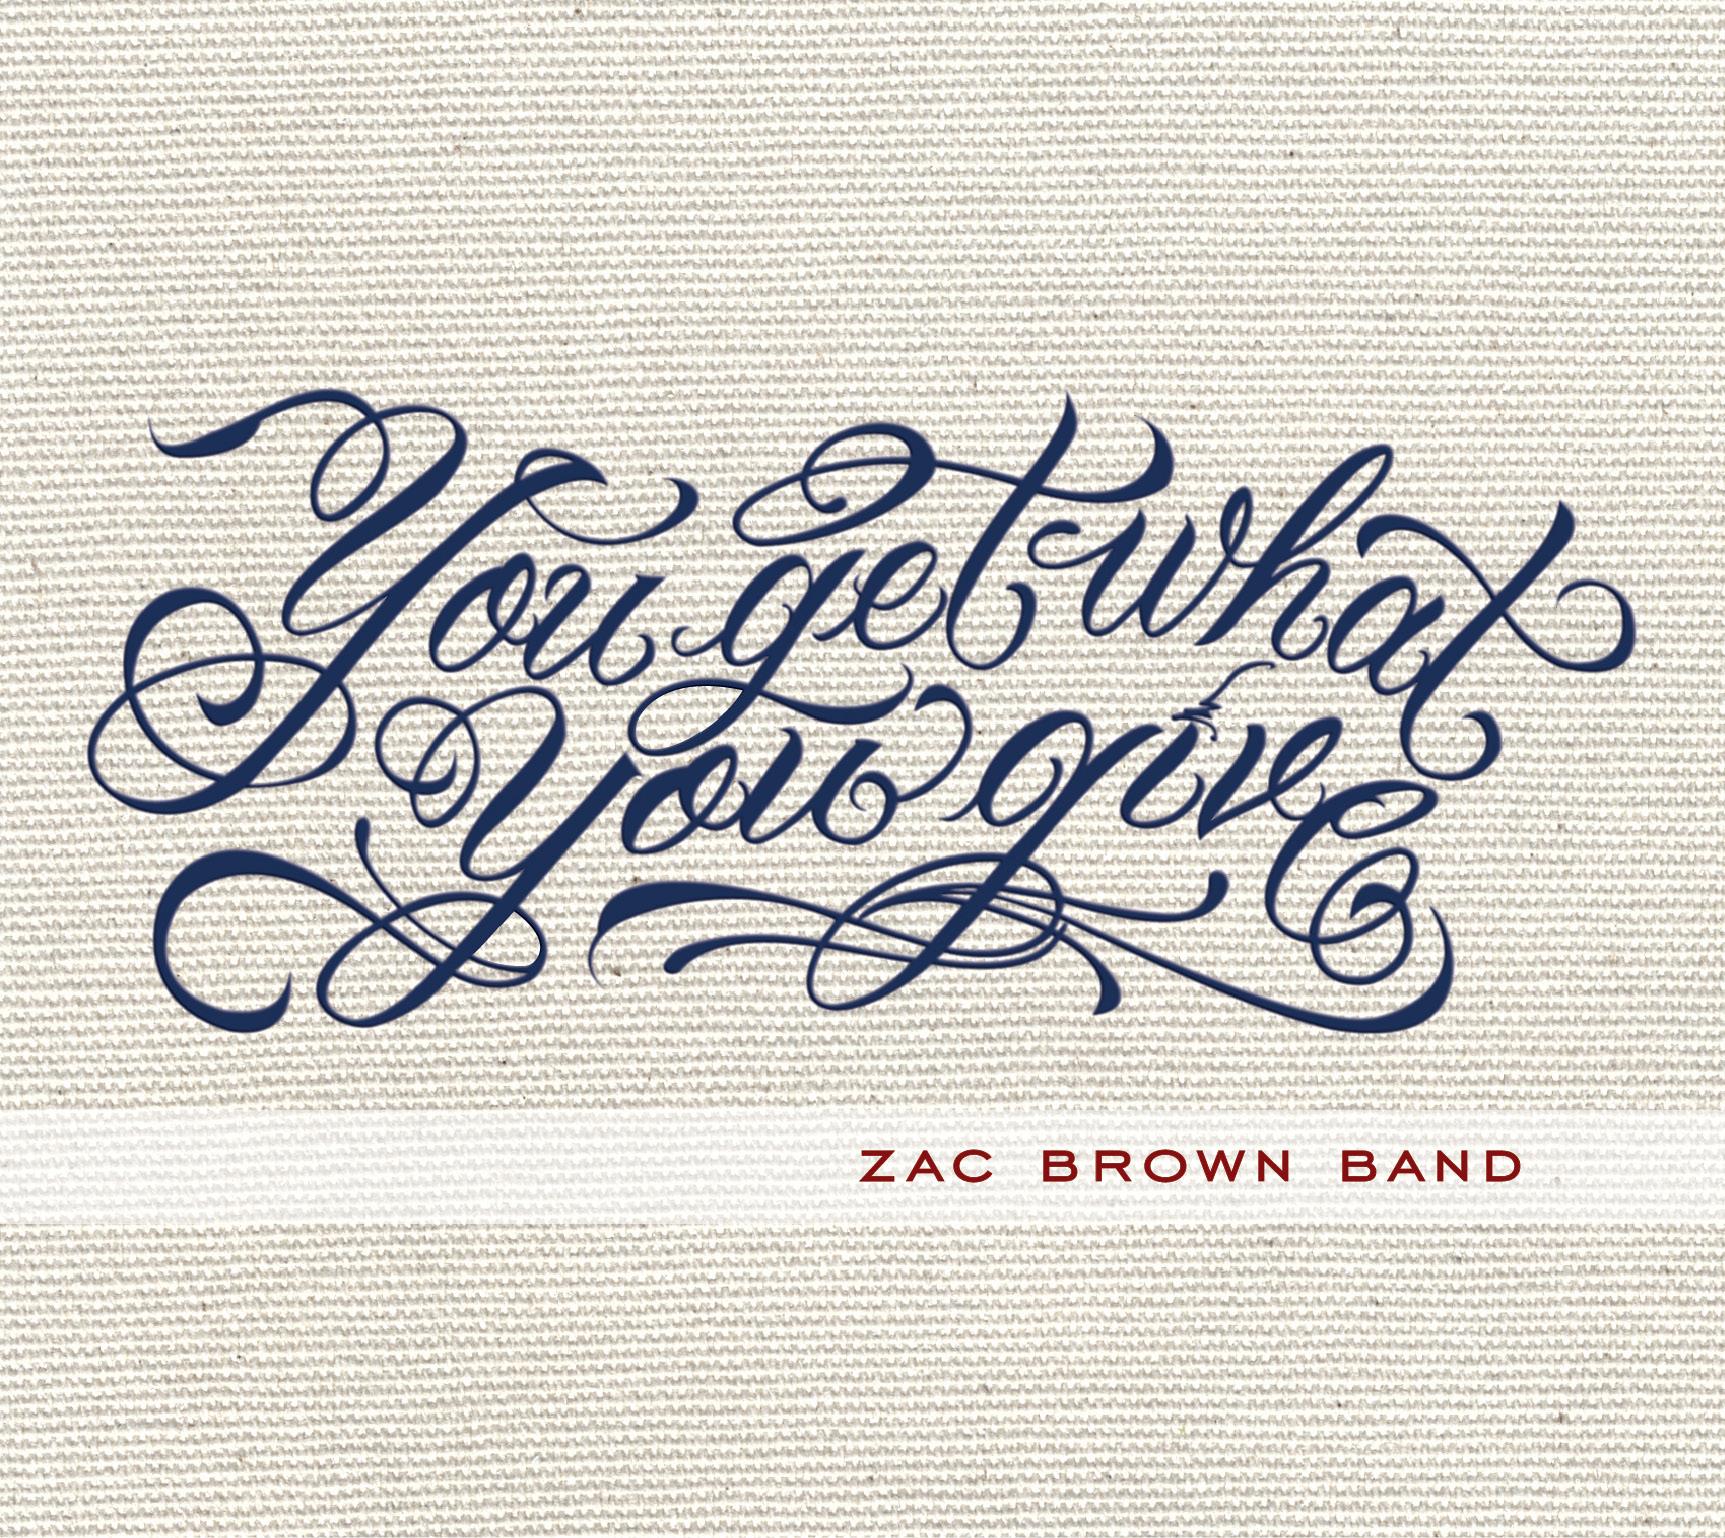 Zac Brown Band - No Hurry (lyrics) Zac Brown Band - No ...